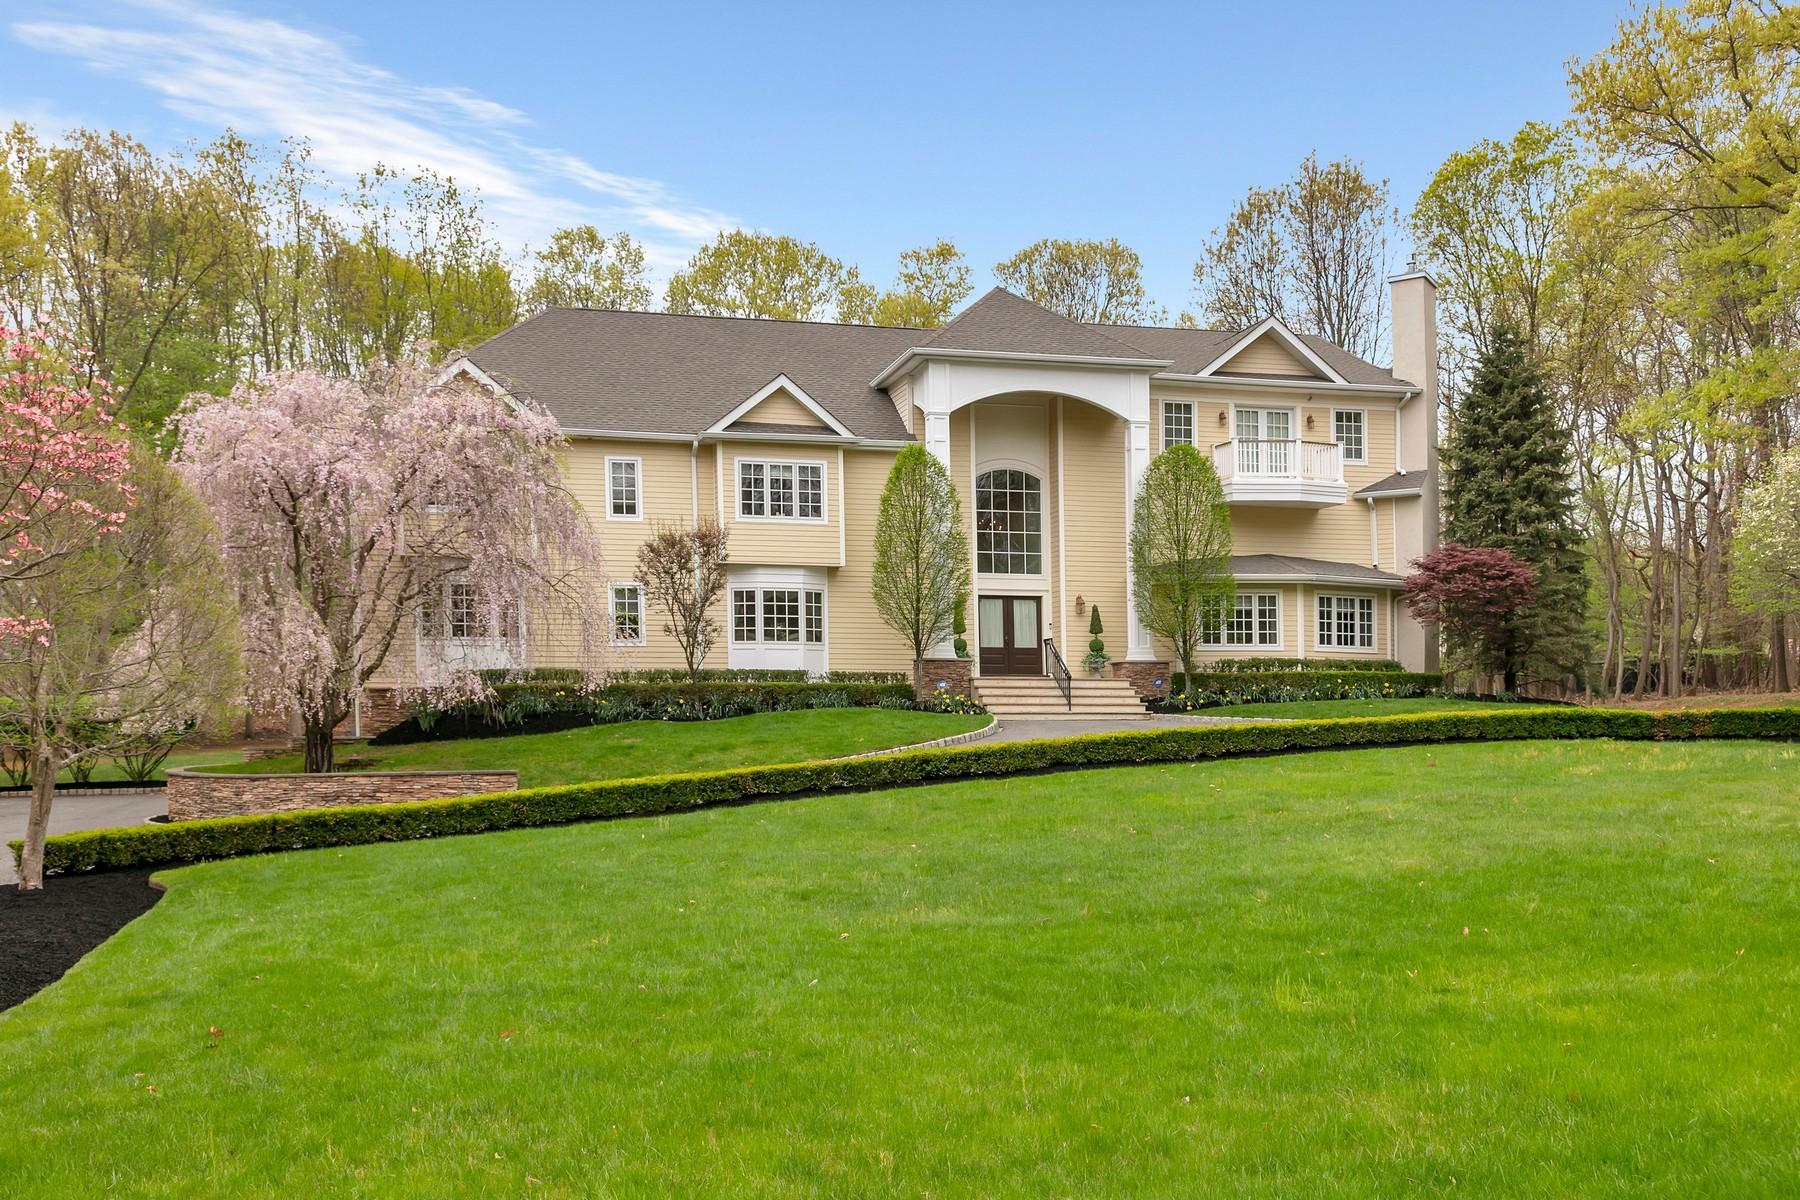 獨棟家庭住宅 為 出售 在 Timeless Colonial 49 Prothero Road, Colts Neck, 新澤西州 07722 美國